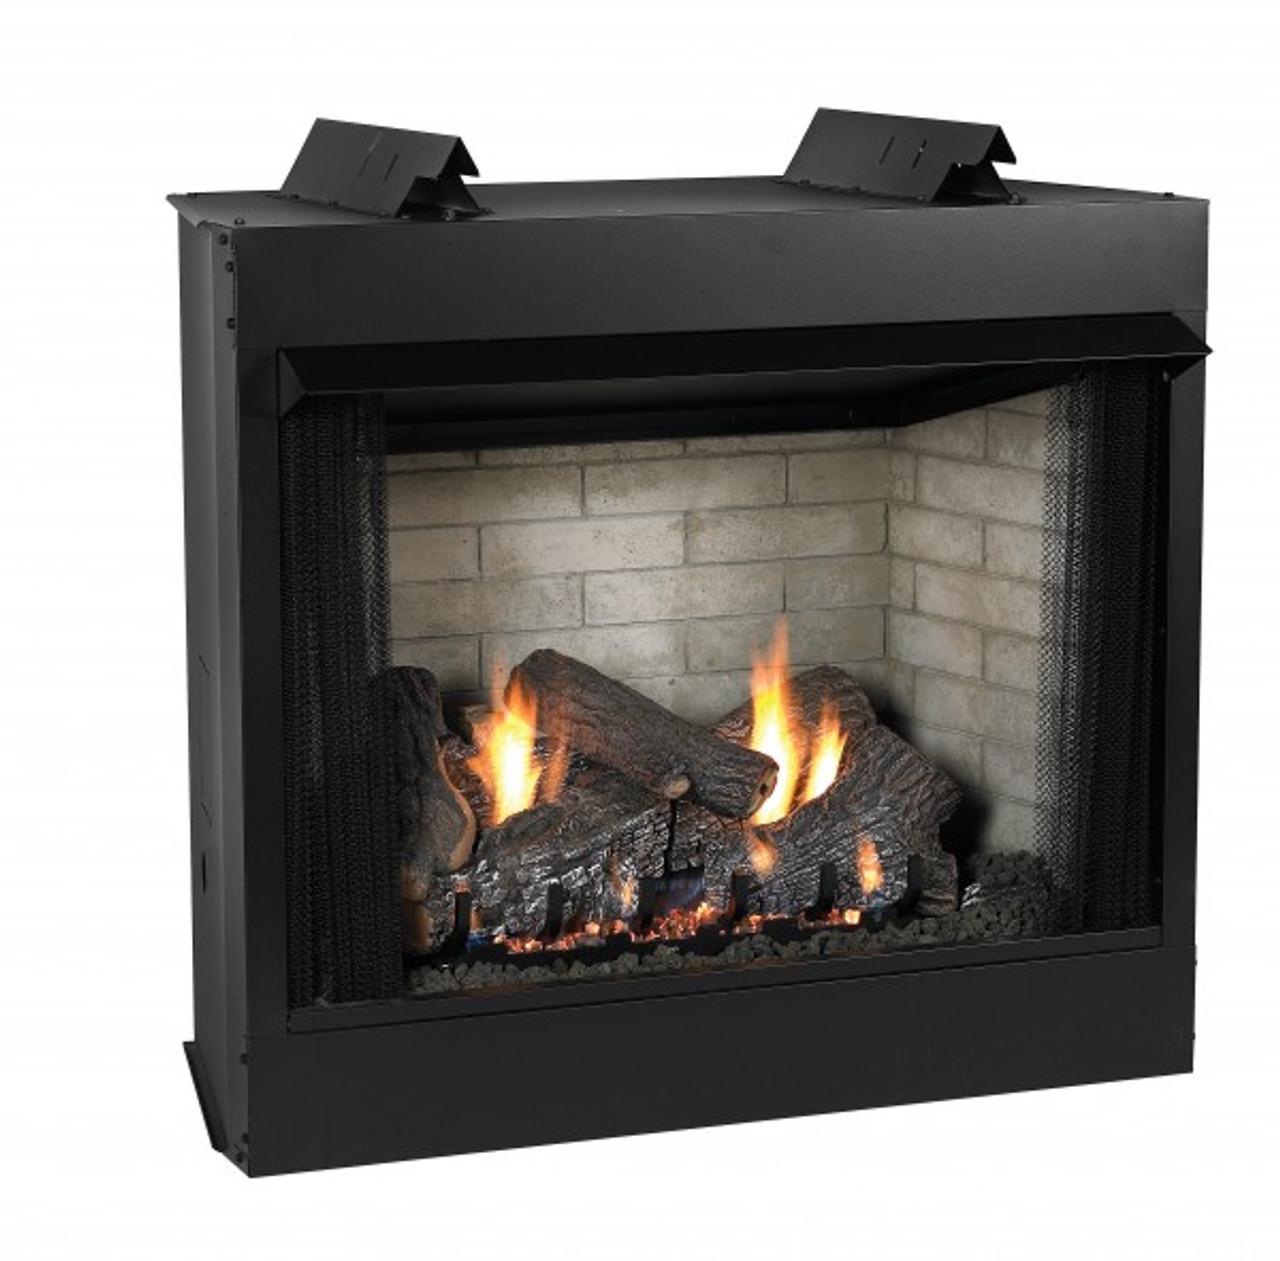 Empire Breckenridge  Vent-Free Firebox Deluxe 36 (includes Black Hood) - VFD36FB0